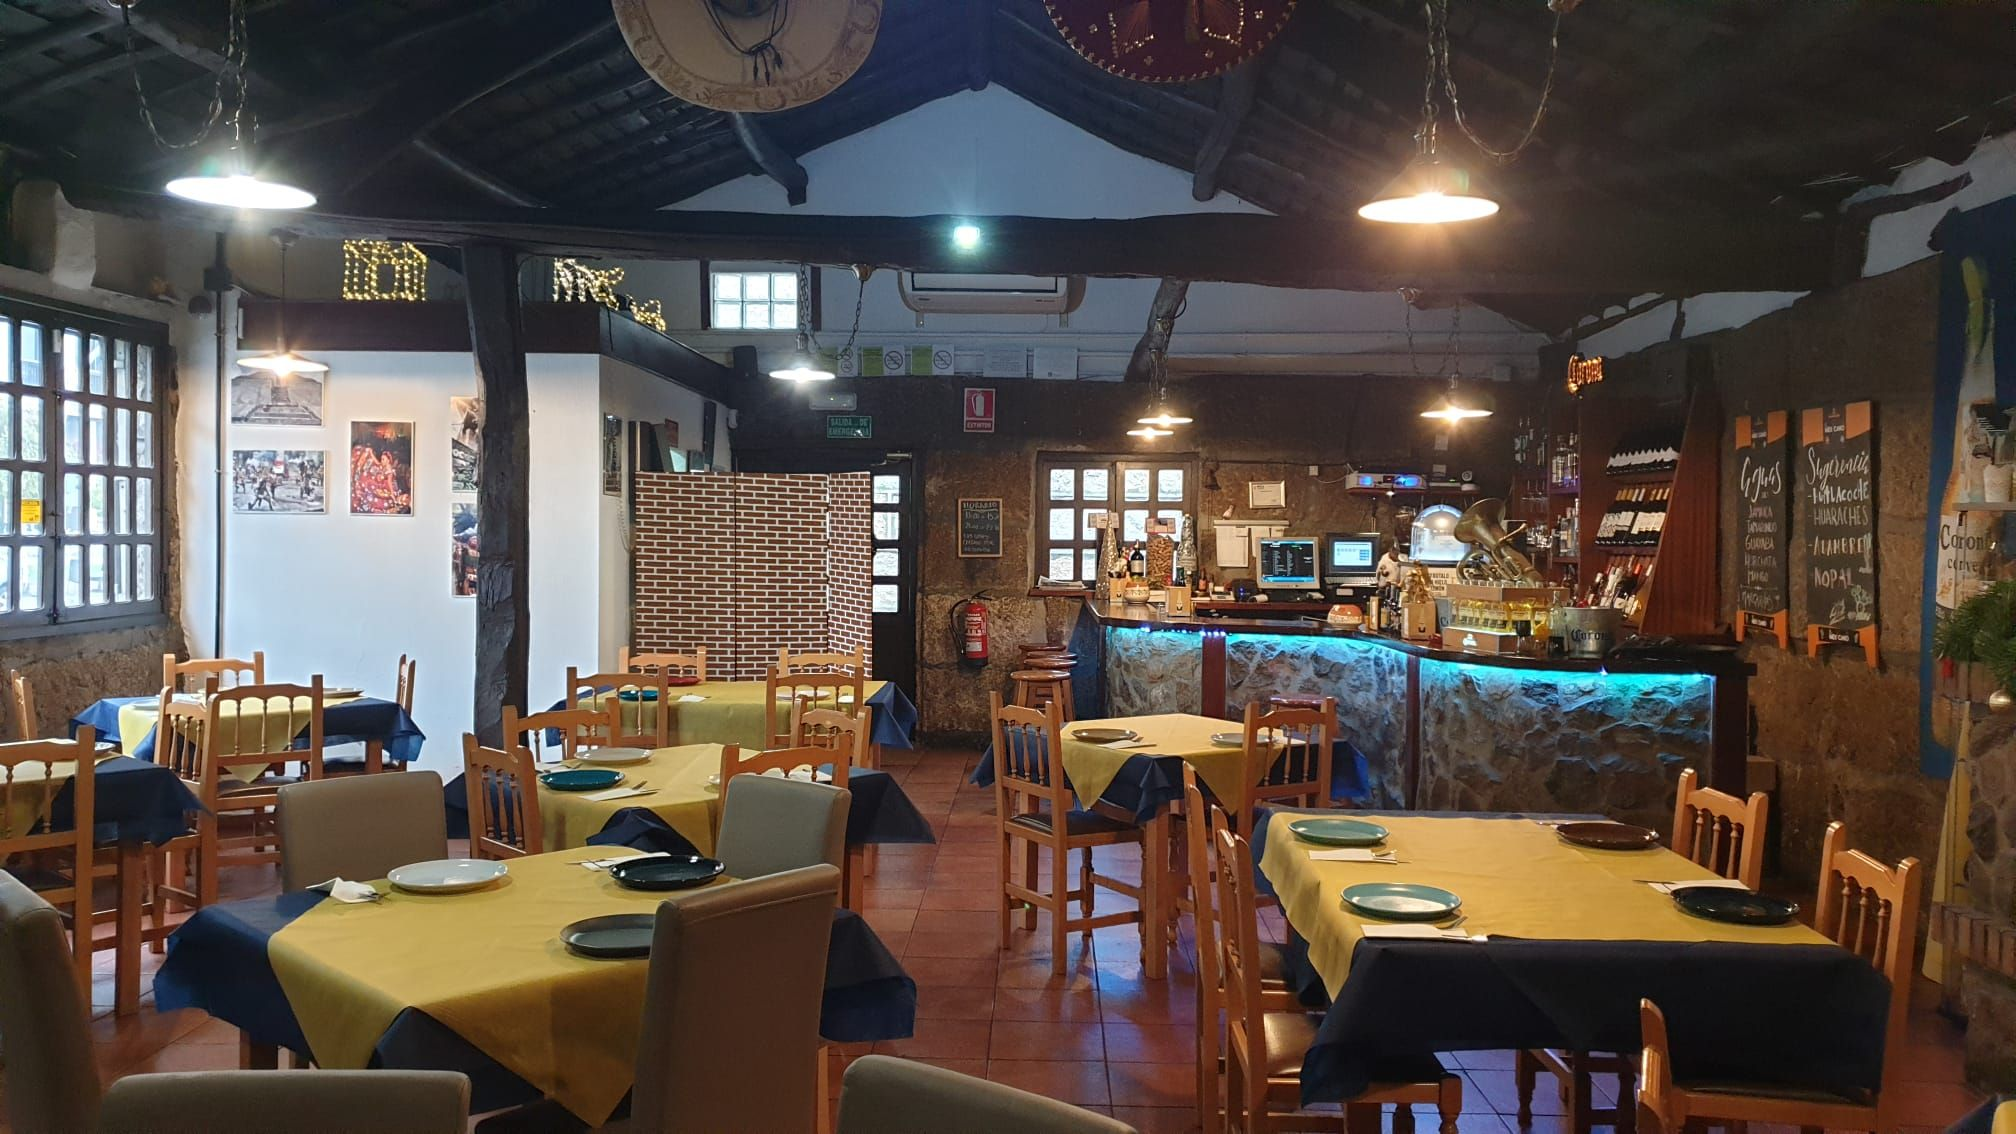 Foto 3 de Restaurante de cocina mexicana en    El Mexicano Autentico